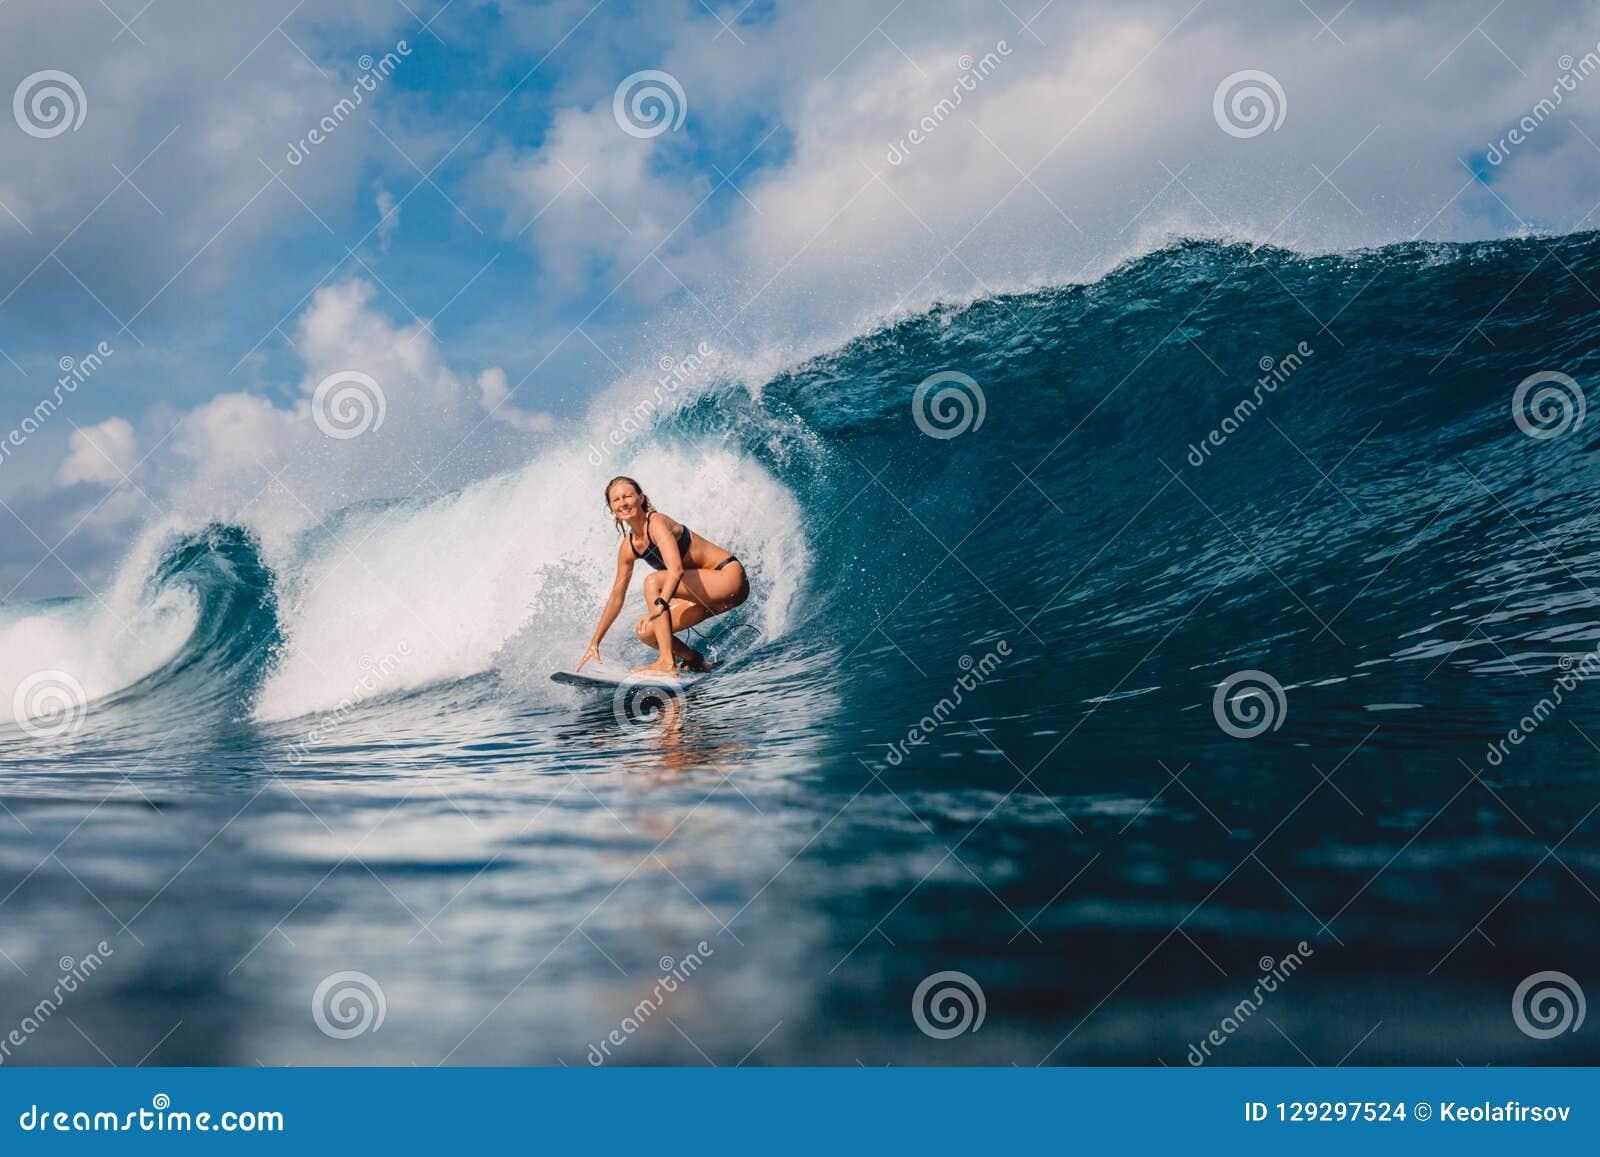 冲浪板的海浪女孩在桶波浪 妇女在冲浪期间的海洋